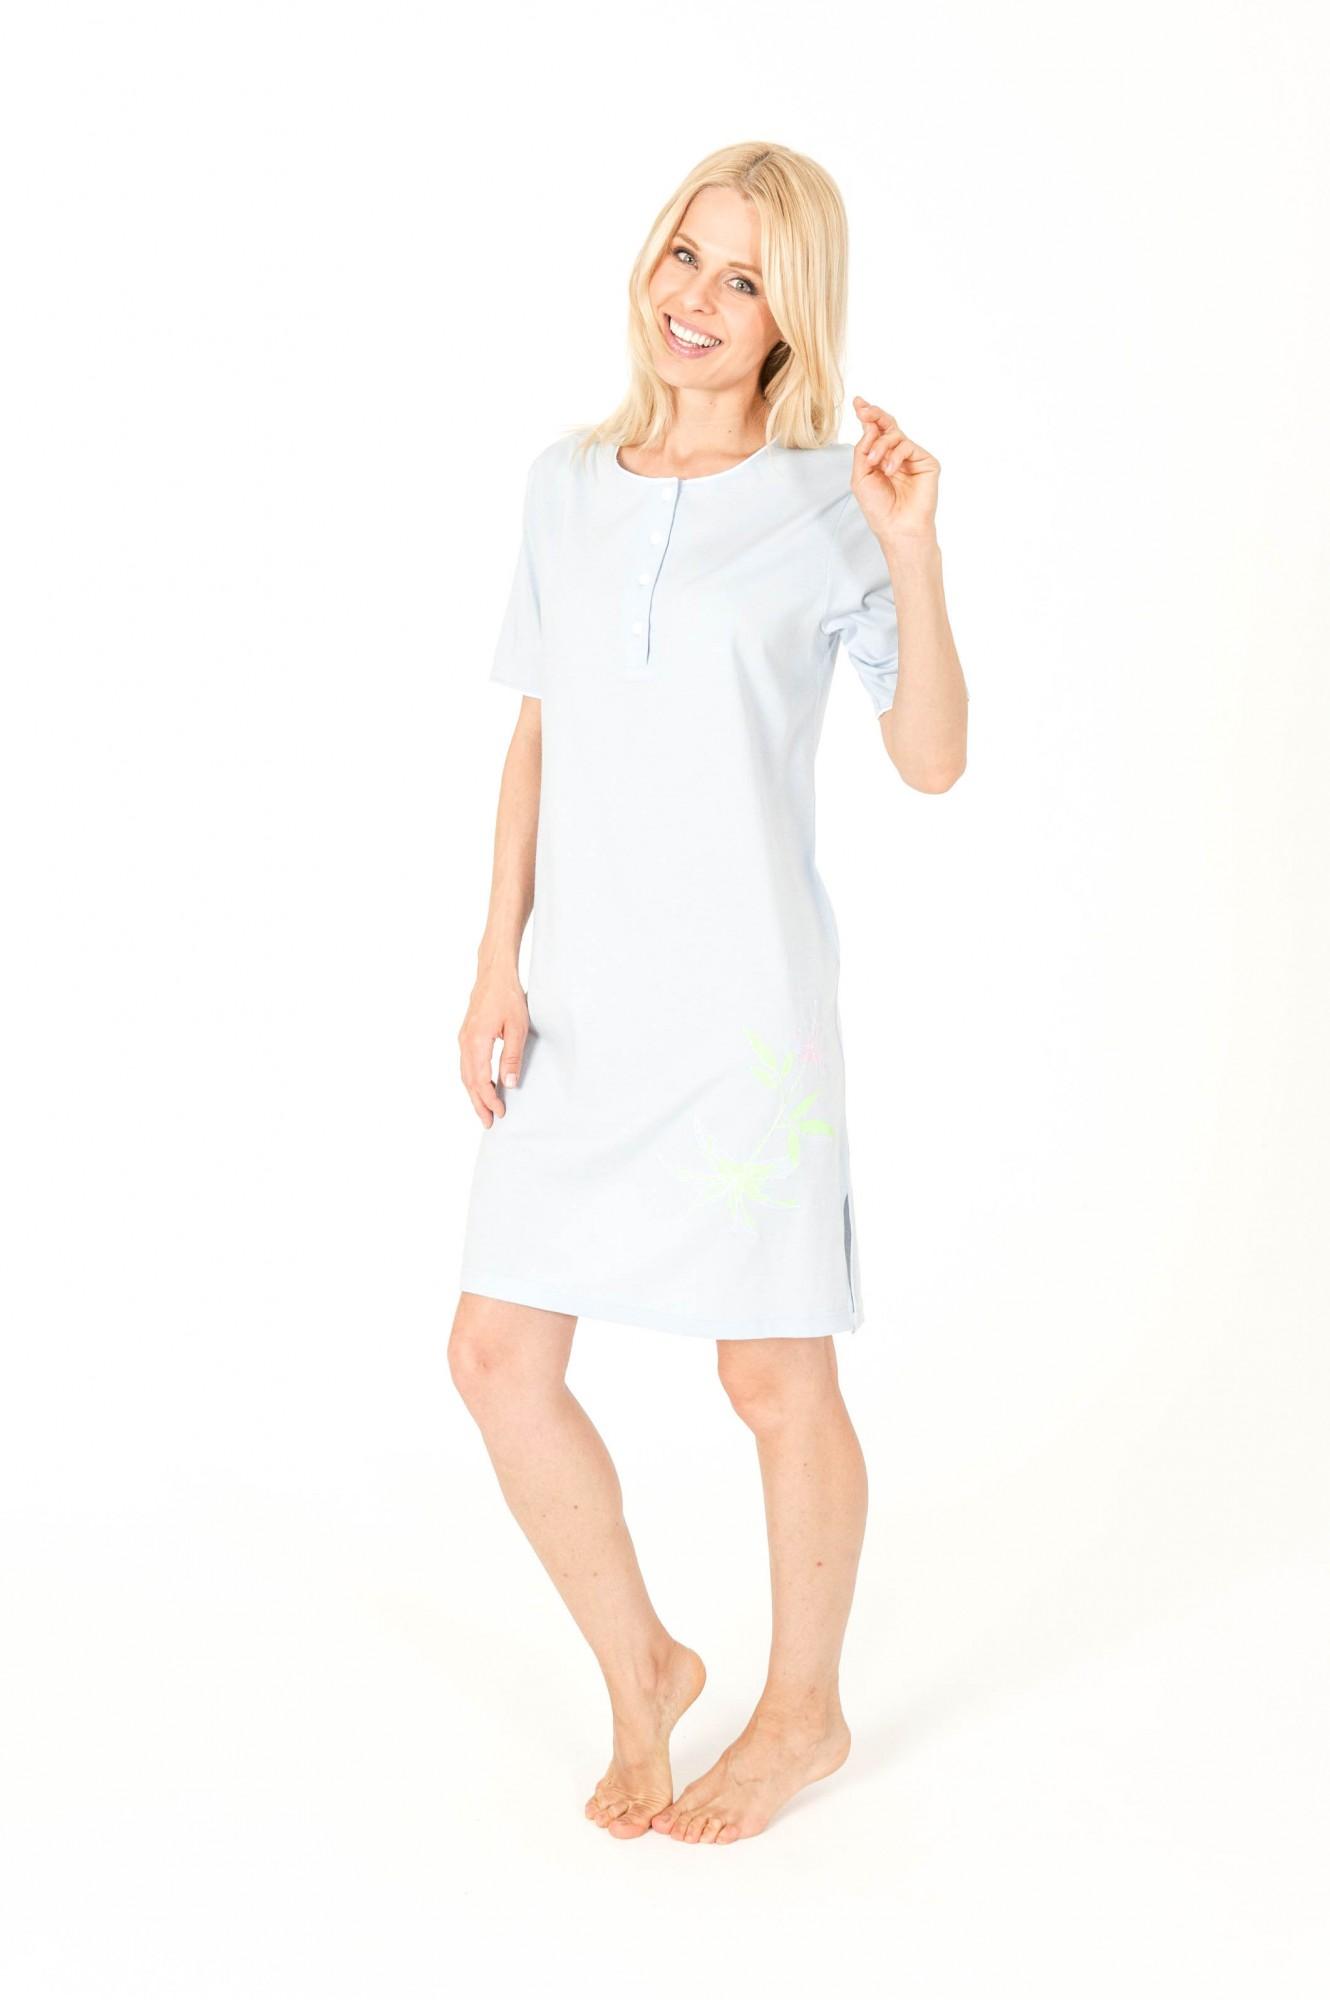 Damen Kurz Nachthemd mit Knopfleiste 95 cm Länge – 161 213 90 864 – Bild 1